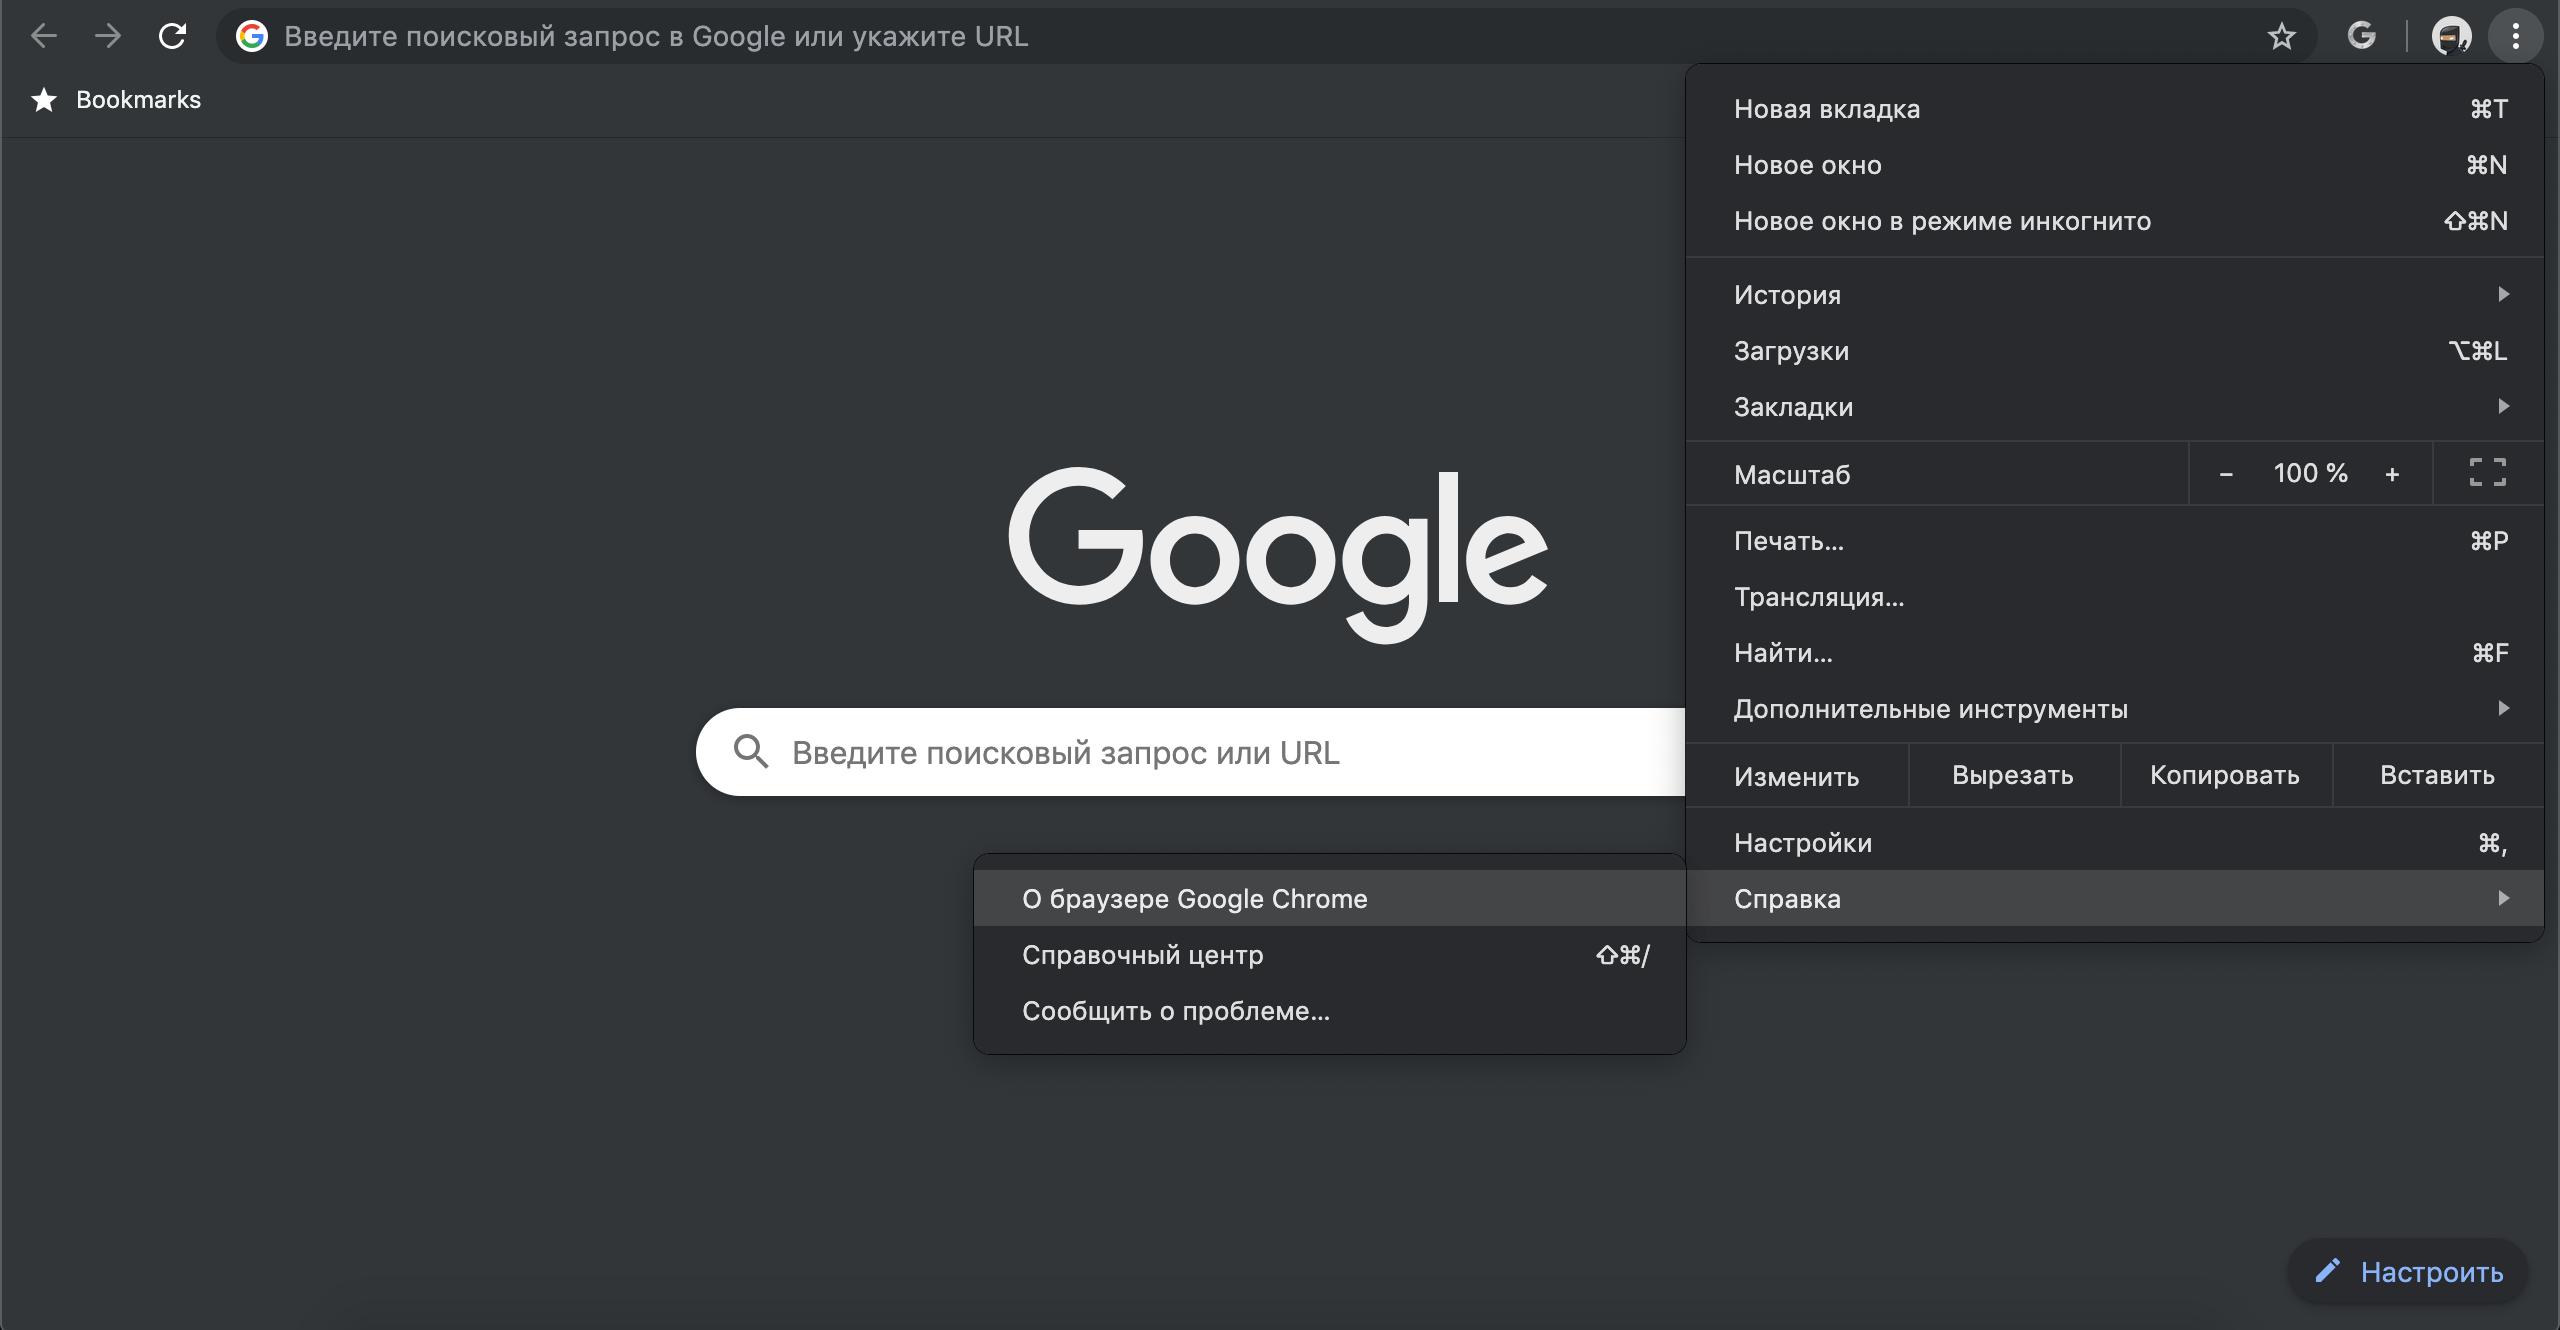 «Справка» – «О браузере Google Chrome»